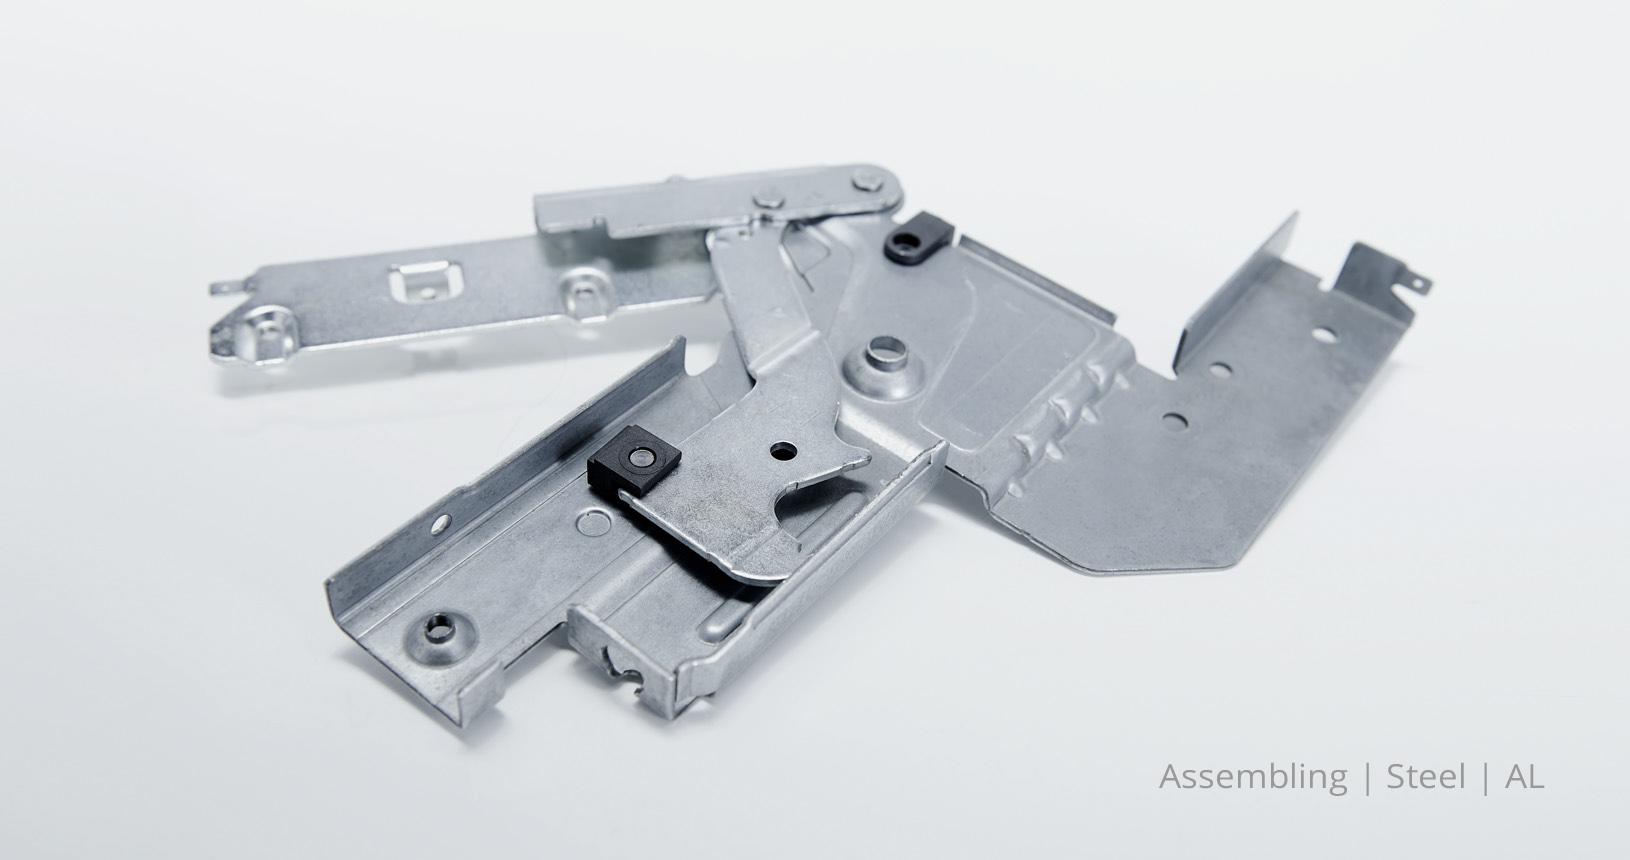 Assembling steel AL 2